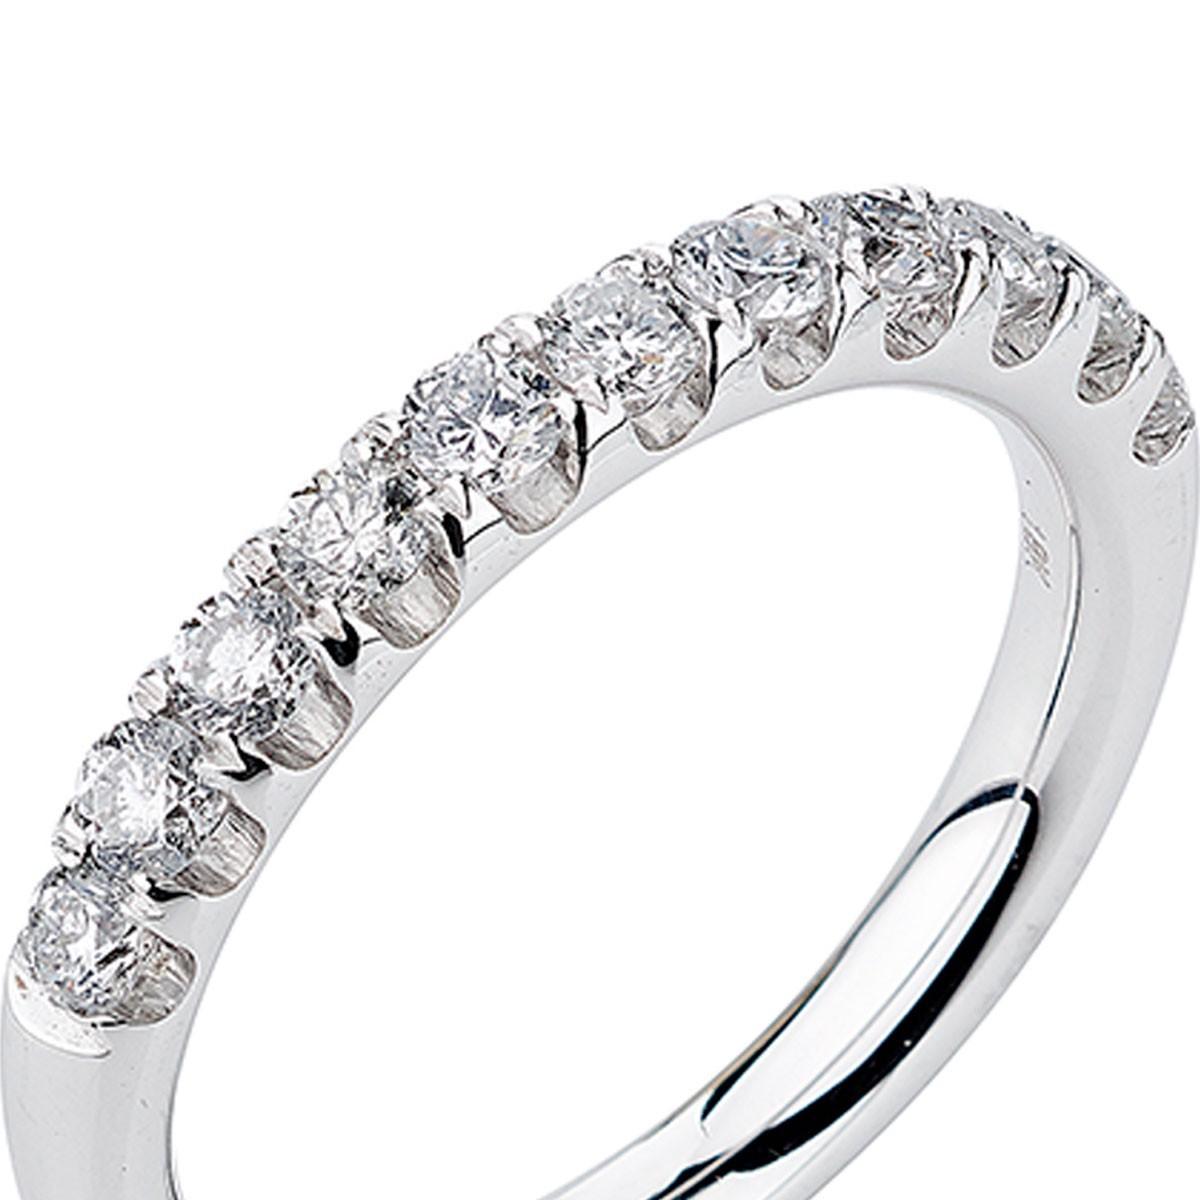 6b954012f24a3 meia aliança ouro branco com diamantes